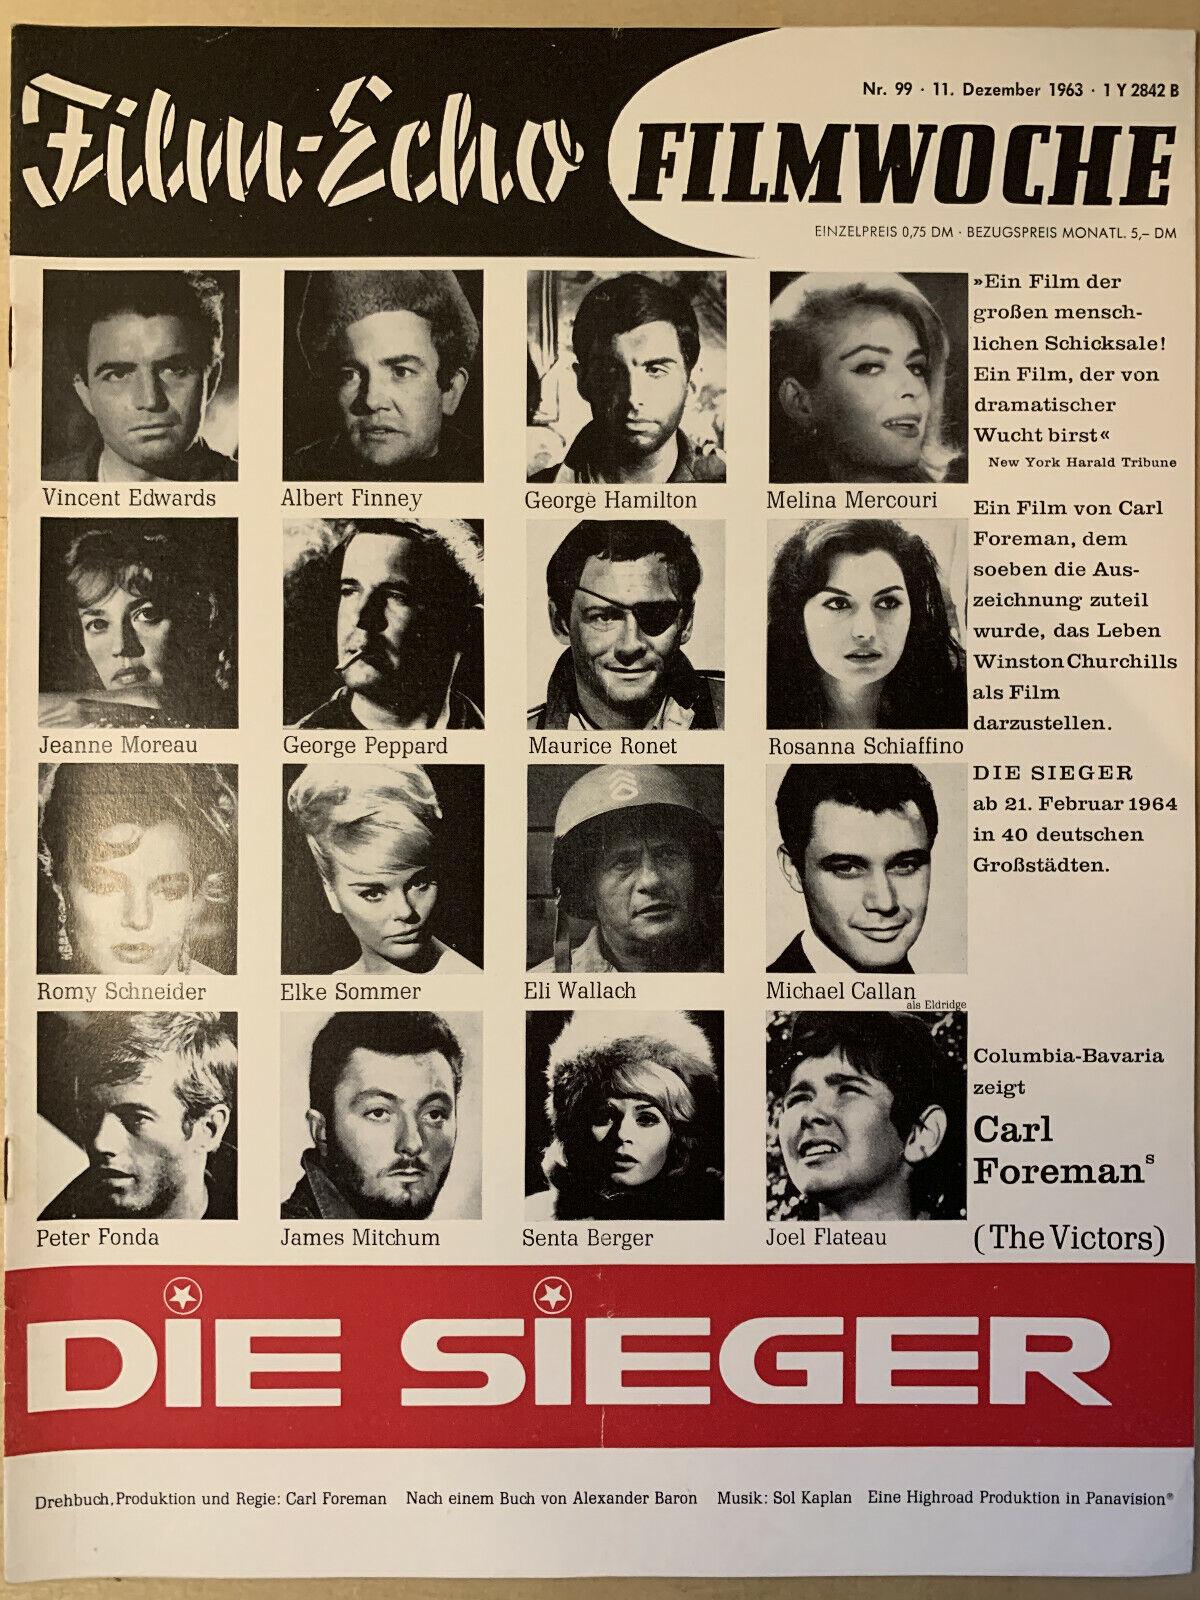 Cover der Ausgabe Nr. 99 am 11. Dezember 1963 (Filmecho/Filmwoche)